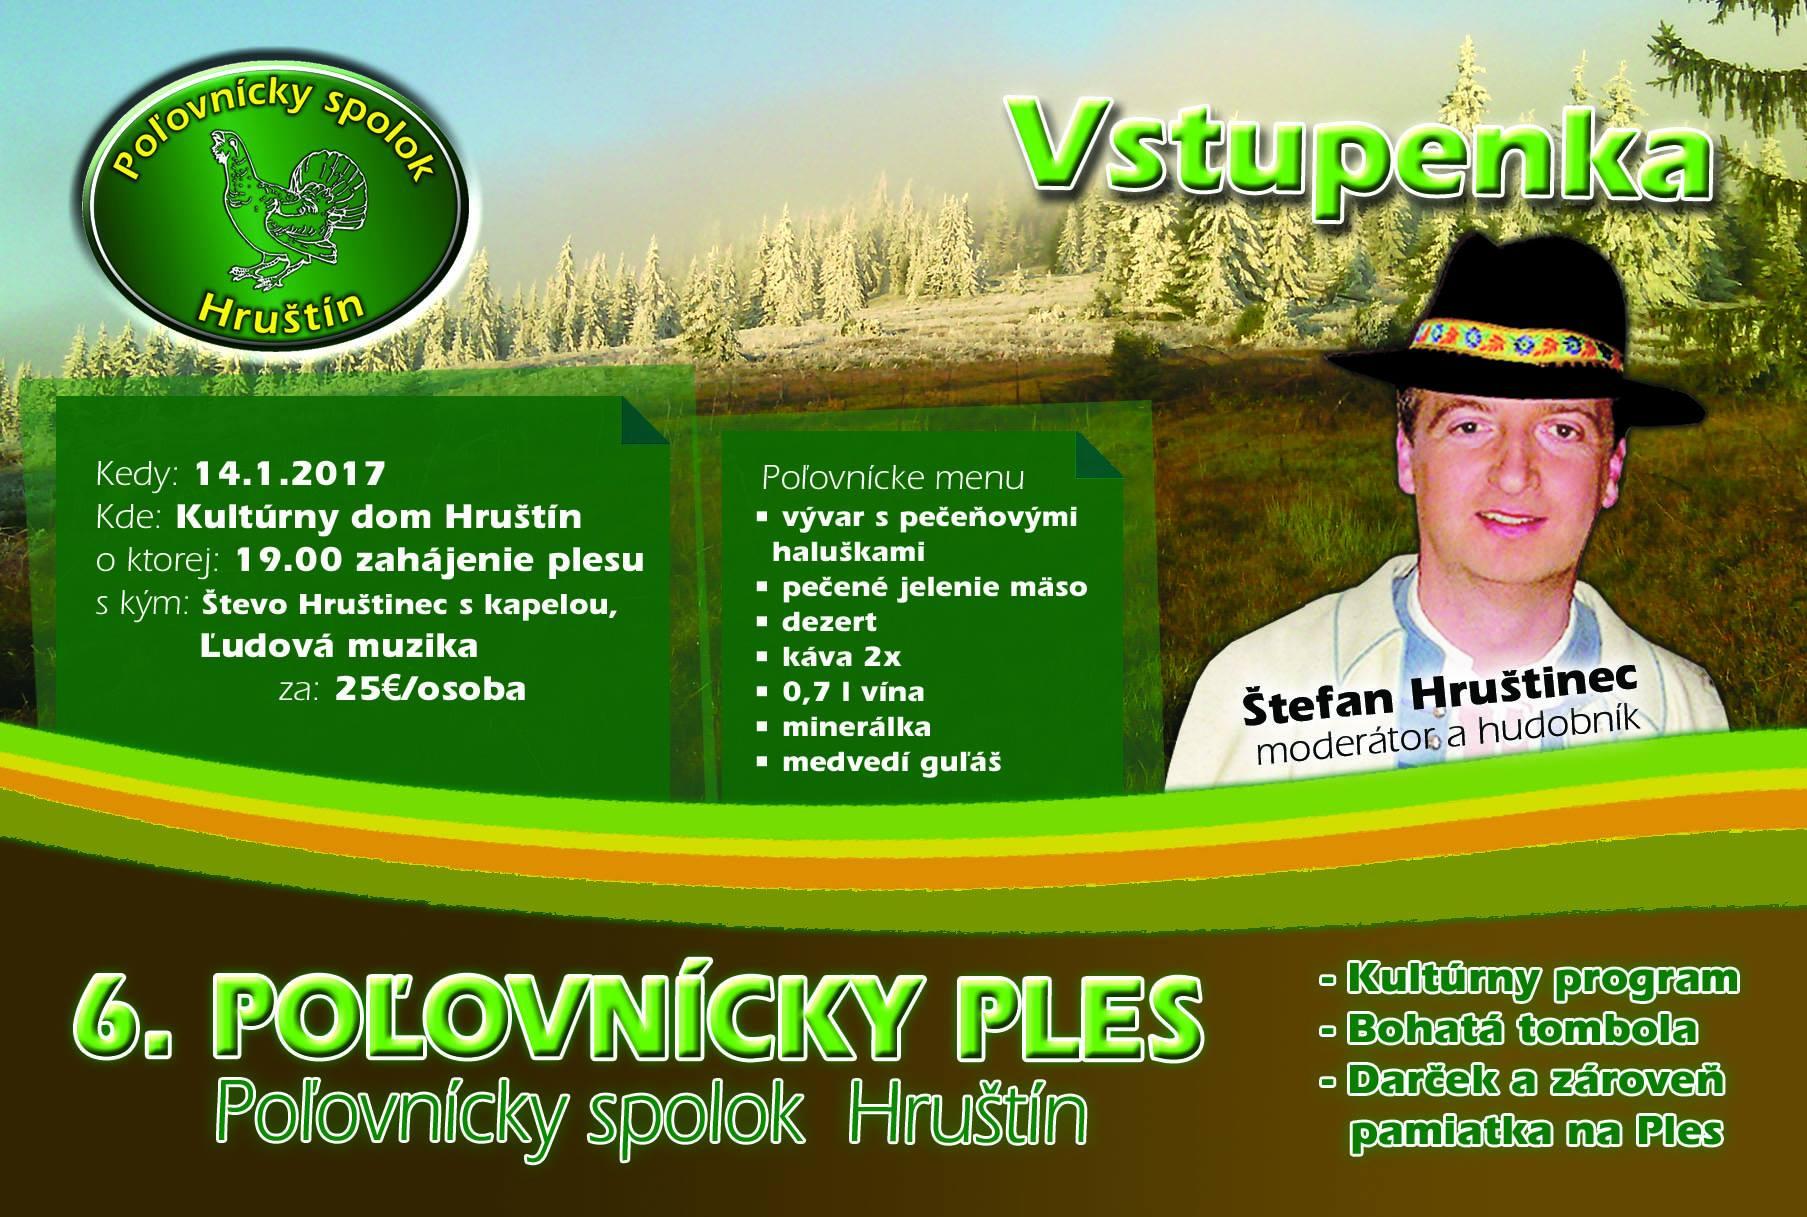 afc05a802 6. Poľovnícky ples PZ Hruštín 2017 - Hruštín   Folklorfest.sk ...